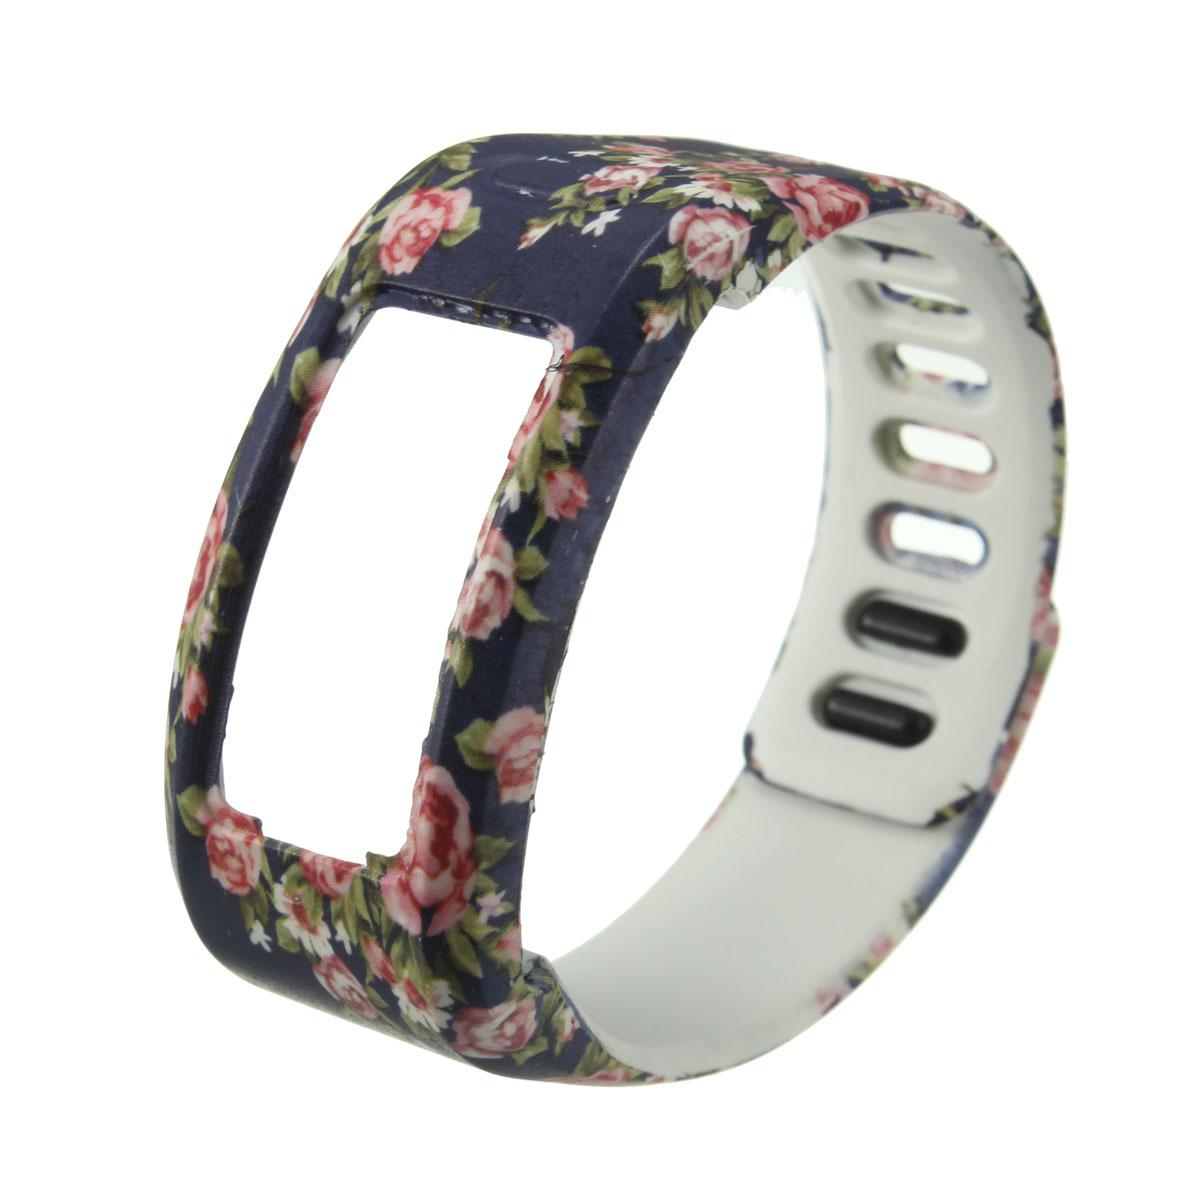 Colour Size S / L Replacement Wristband Band & Clasp for Garmin Vivofit Bracelet